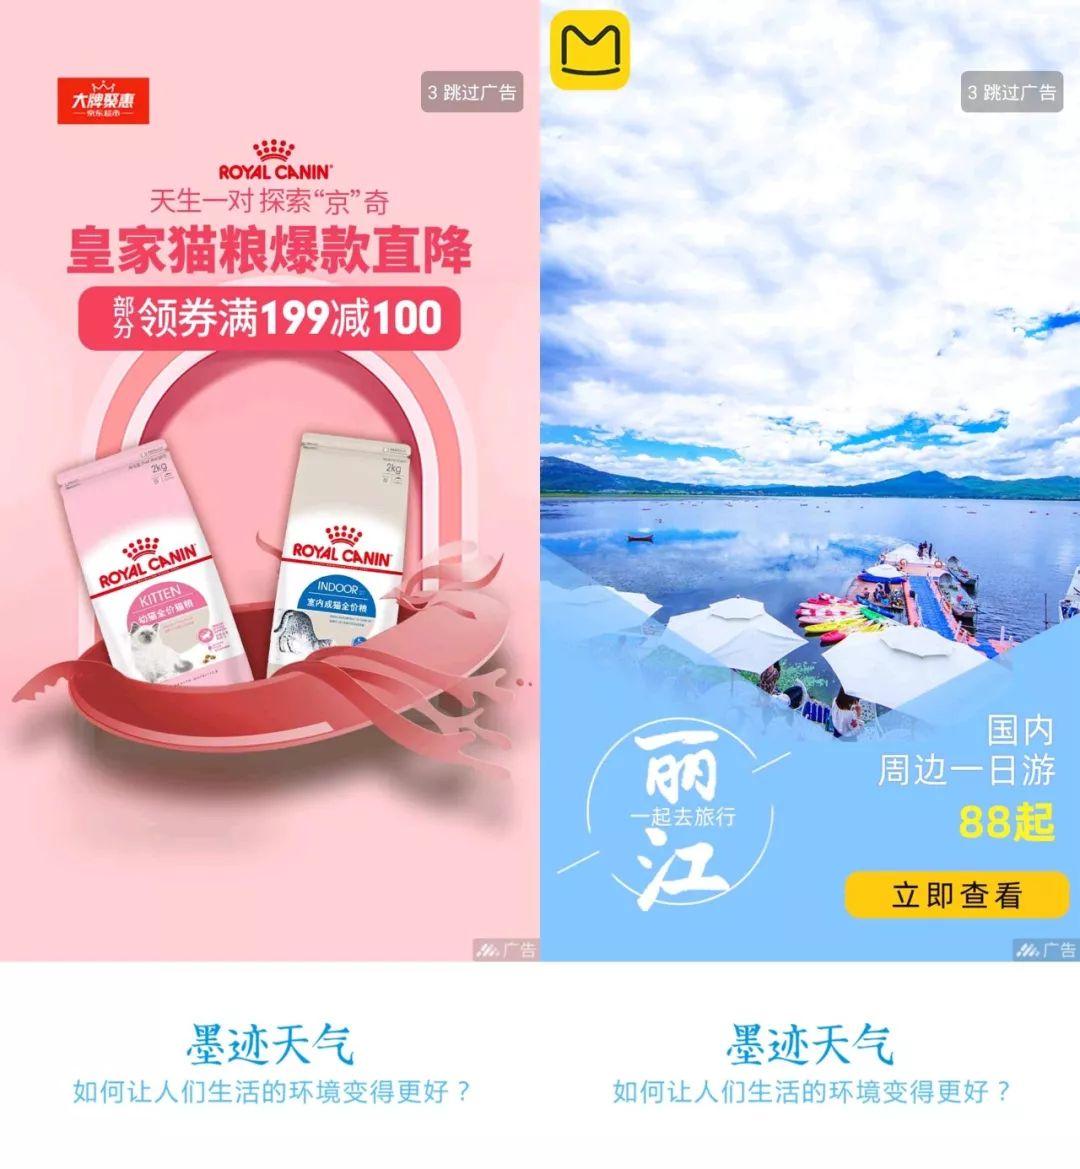 搜狐资讯_3,搜狐新闻